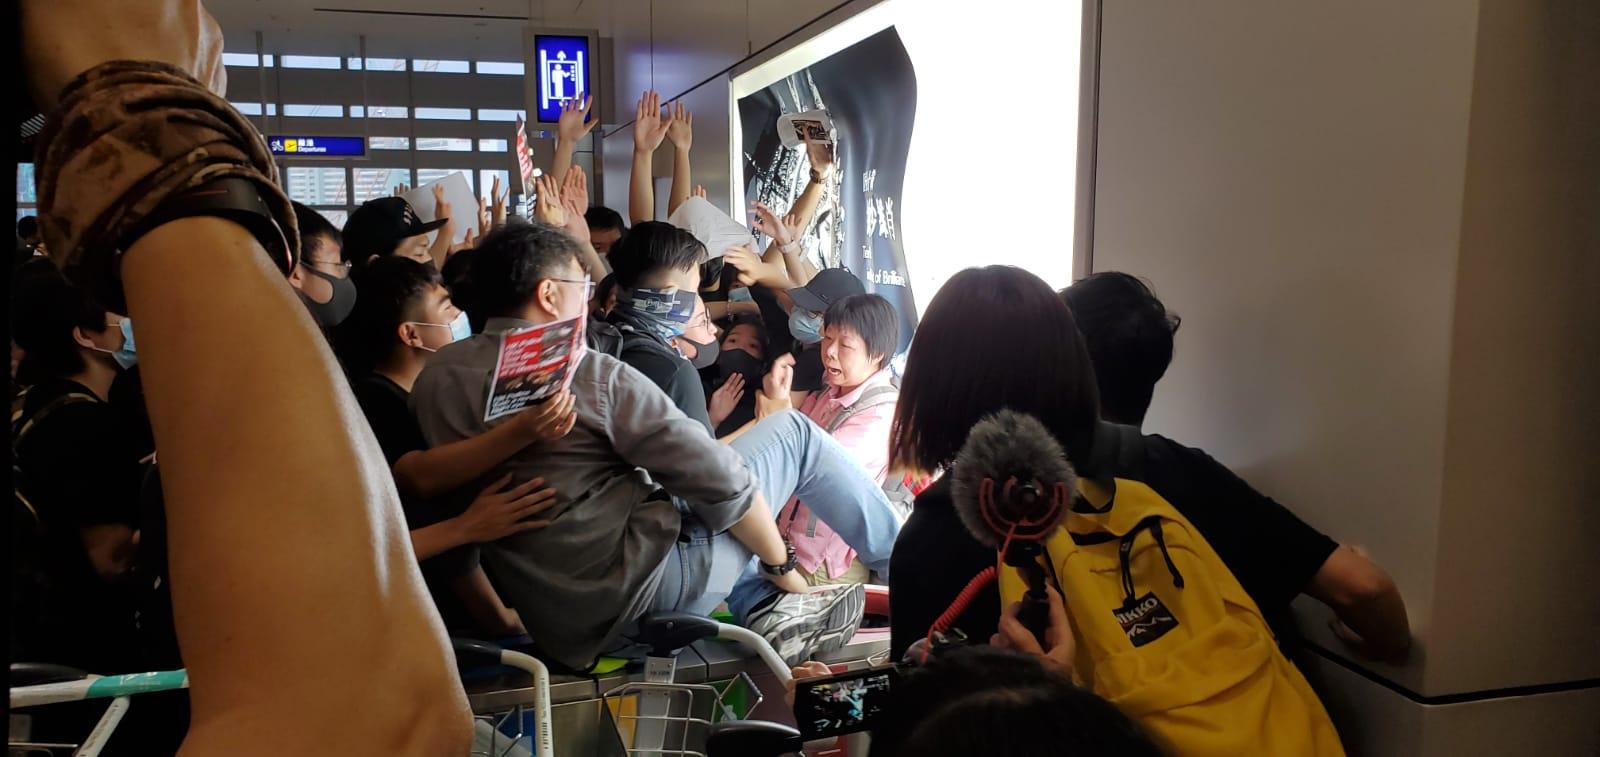 有旅客與示威者發生爭執